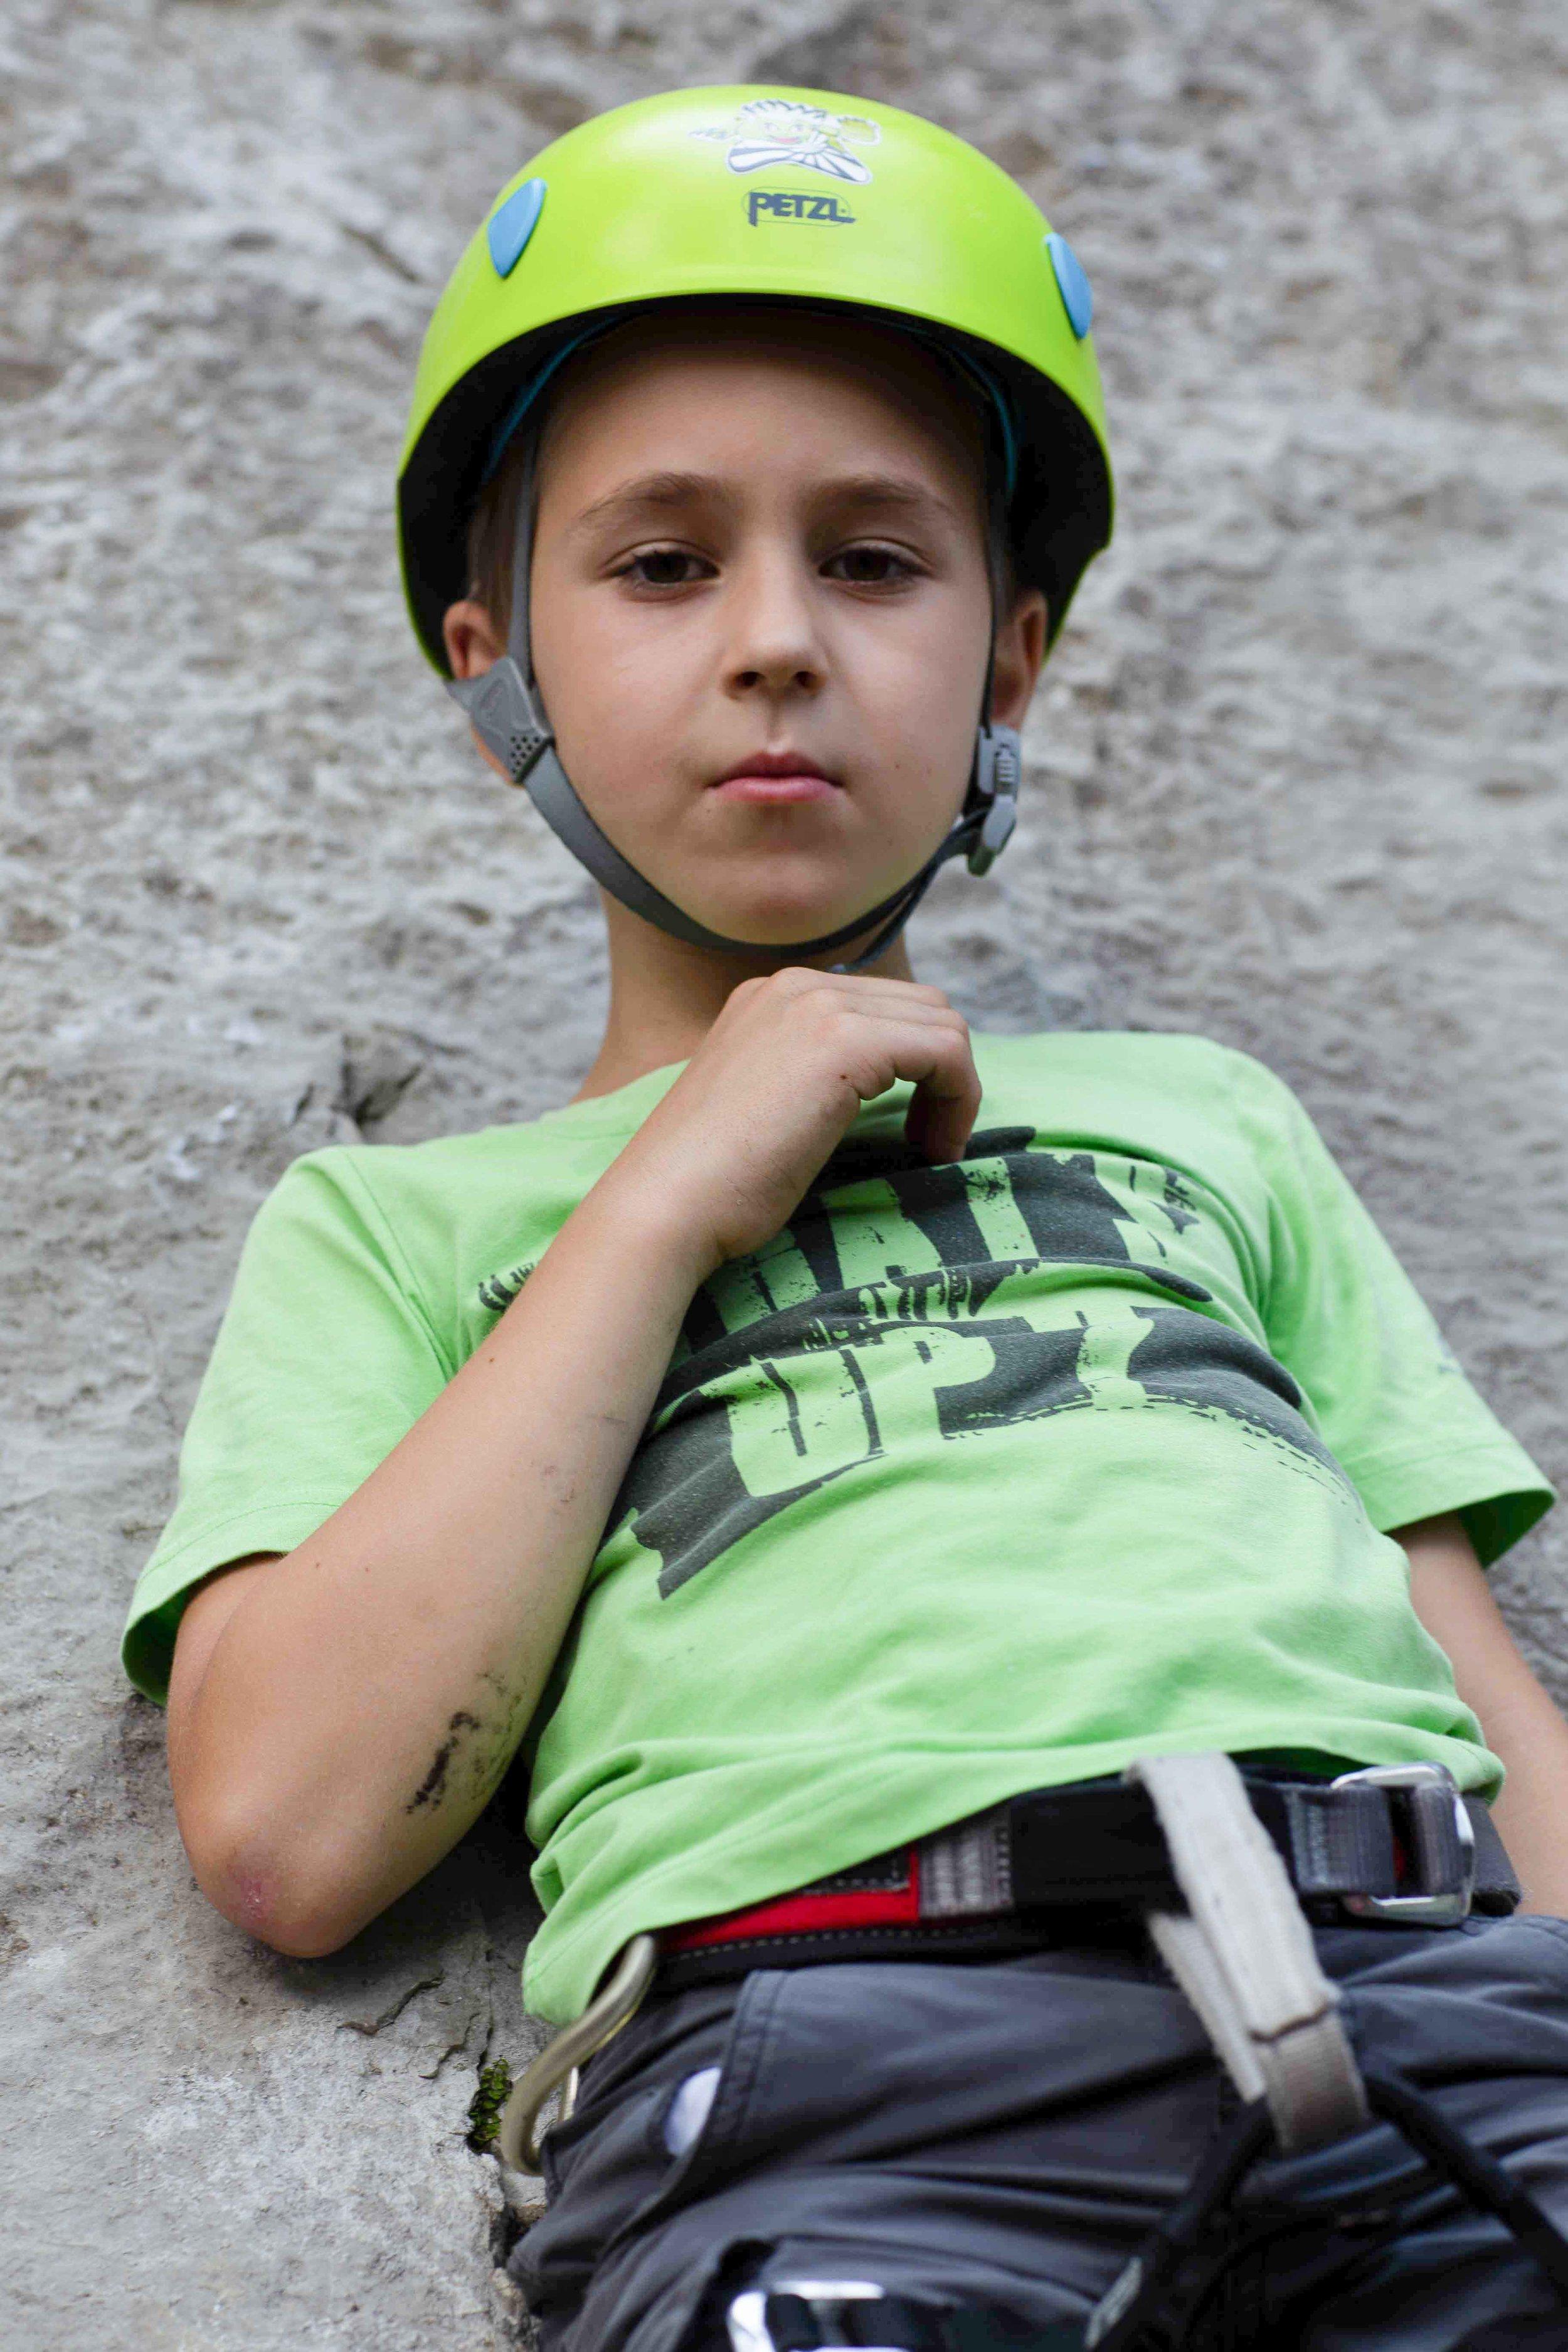 Zaključni plezalni izlet za otroke Grif_111.jpg